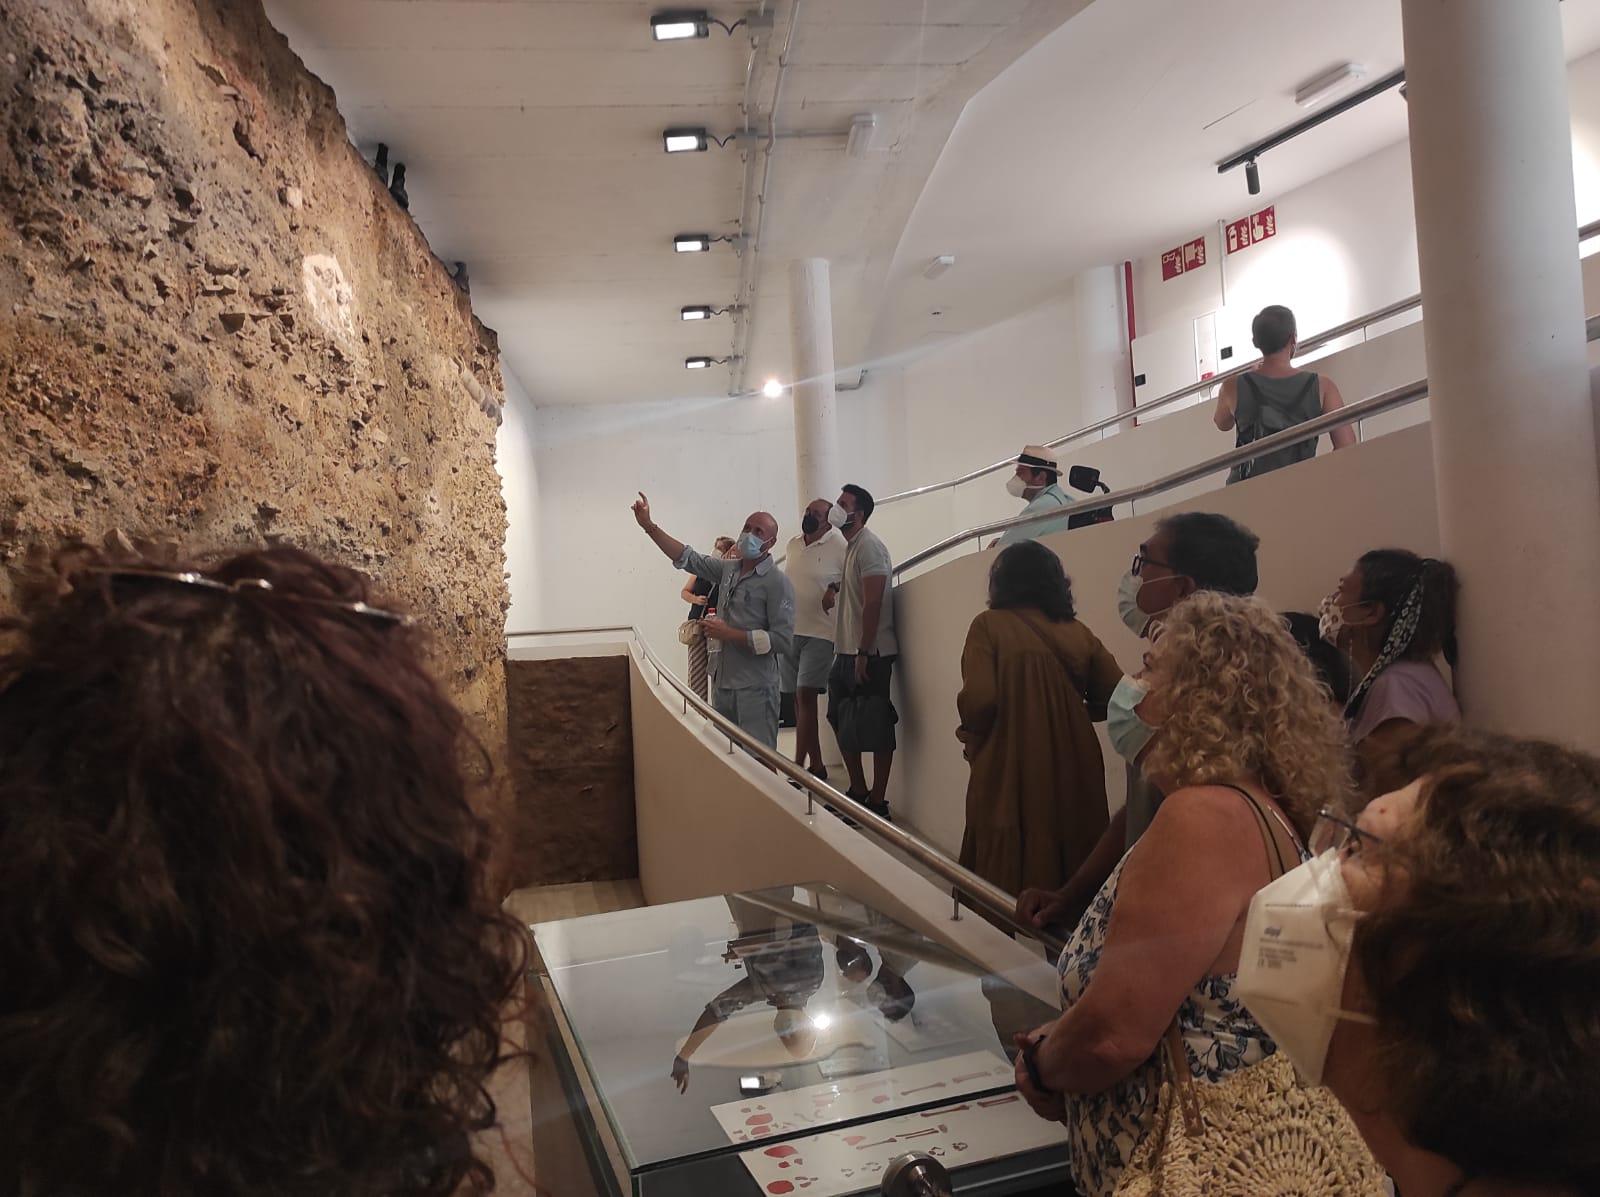 Excepcional acogida de las Jornadas de Puertas Abiertas de la Cripta Arqueológica